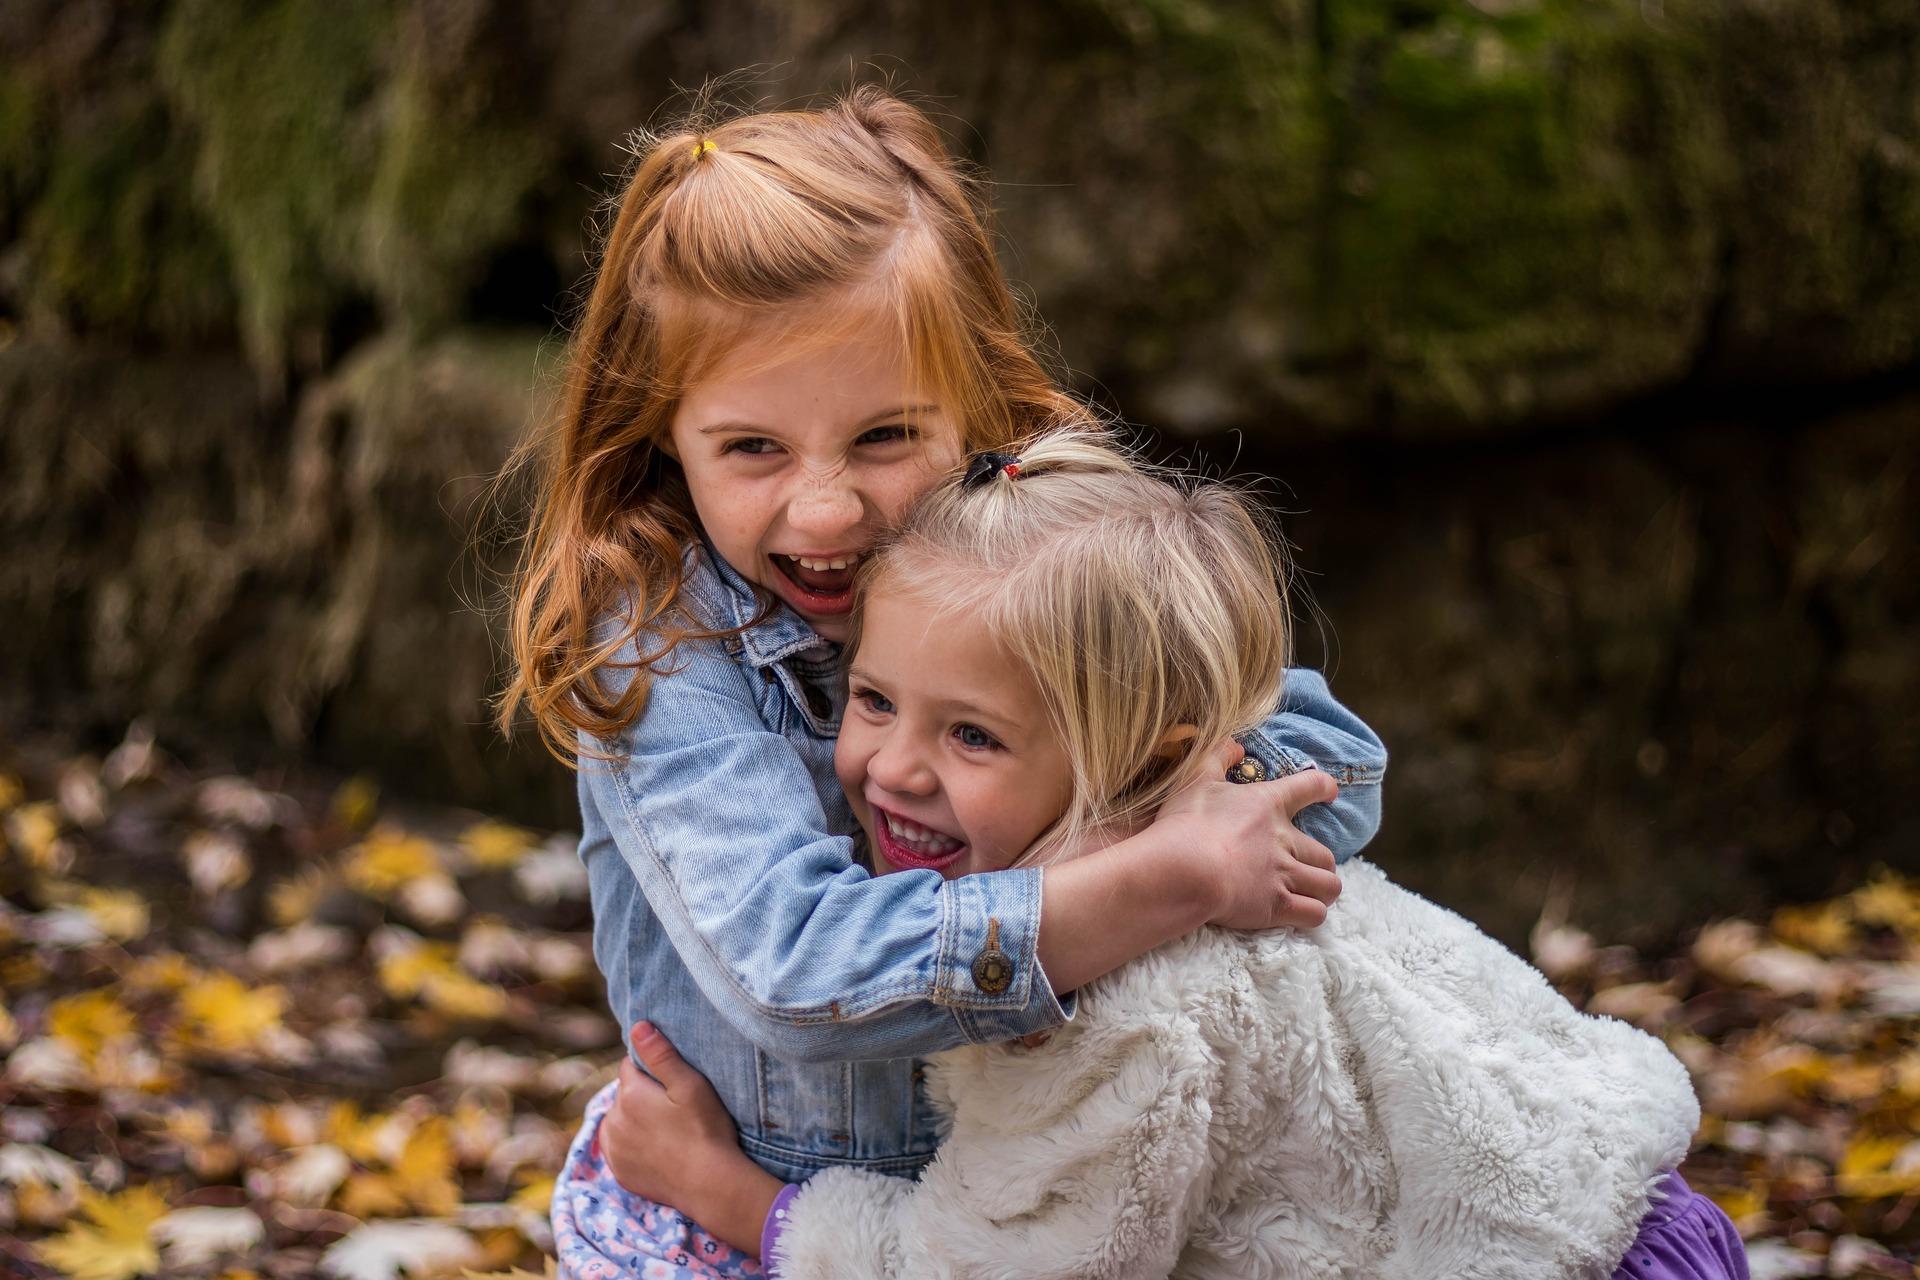 Waarmee kan ik helpen - De problemen en/of klachten waarmee jouw kind en jij als ouder te maken kunt krijgen, kunnen van zeer uiteenlopende aard zijn. Denk daarbij onder andere aan sociaal-emotionele problemen, gedragsproblemen of ontwikkelproblemen. Lees verder